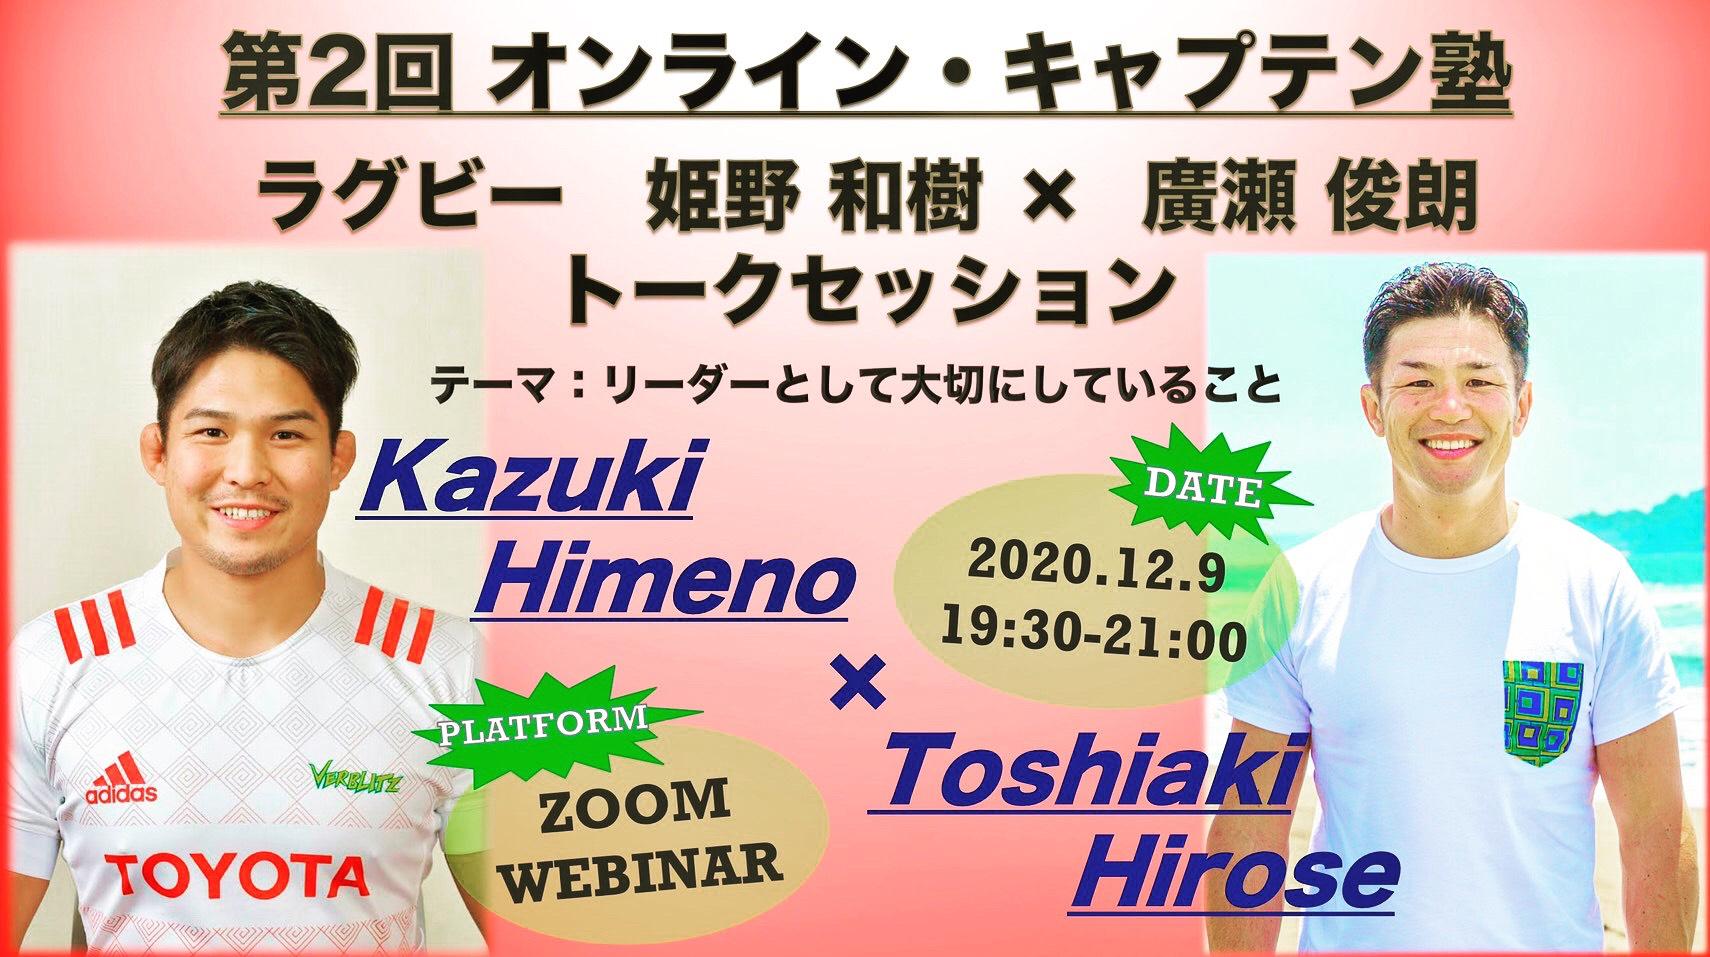 【イベント告知】12/9(水)姫野和樹さんとのオンライントークセッション(キャプテン塾 )